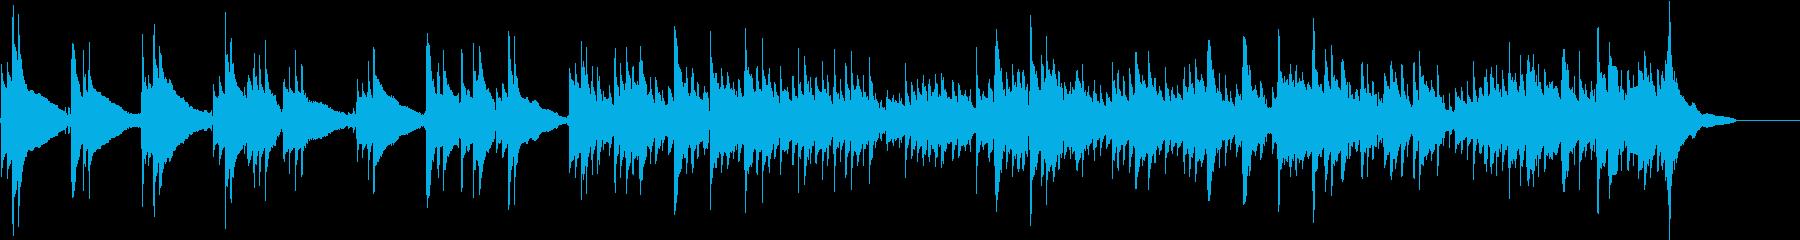 優しいアコースティックギター/PR動画の再生済みの波形